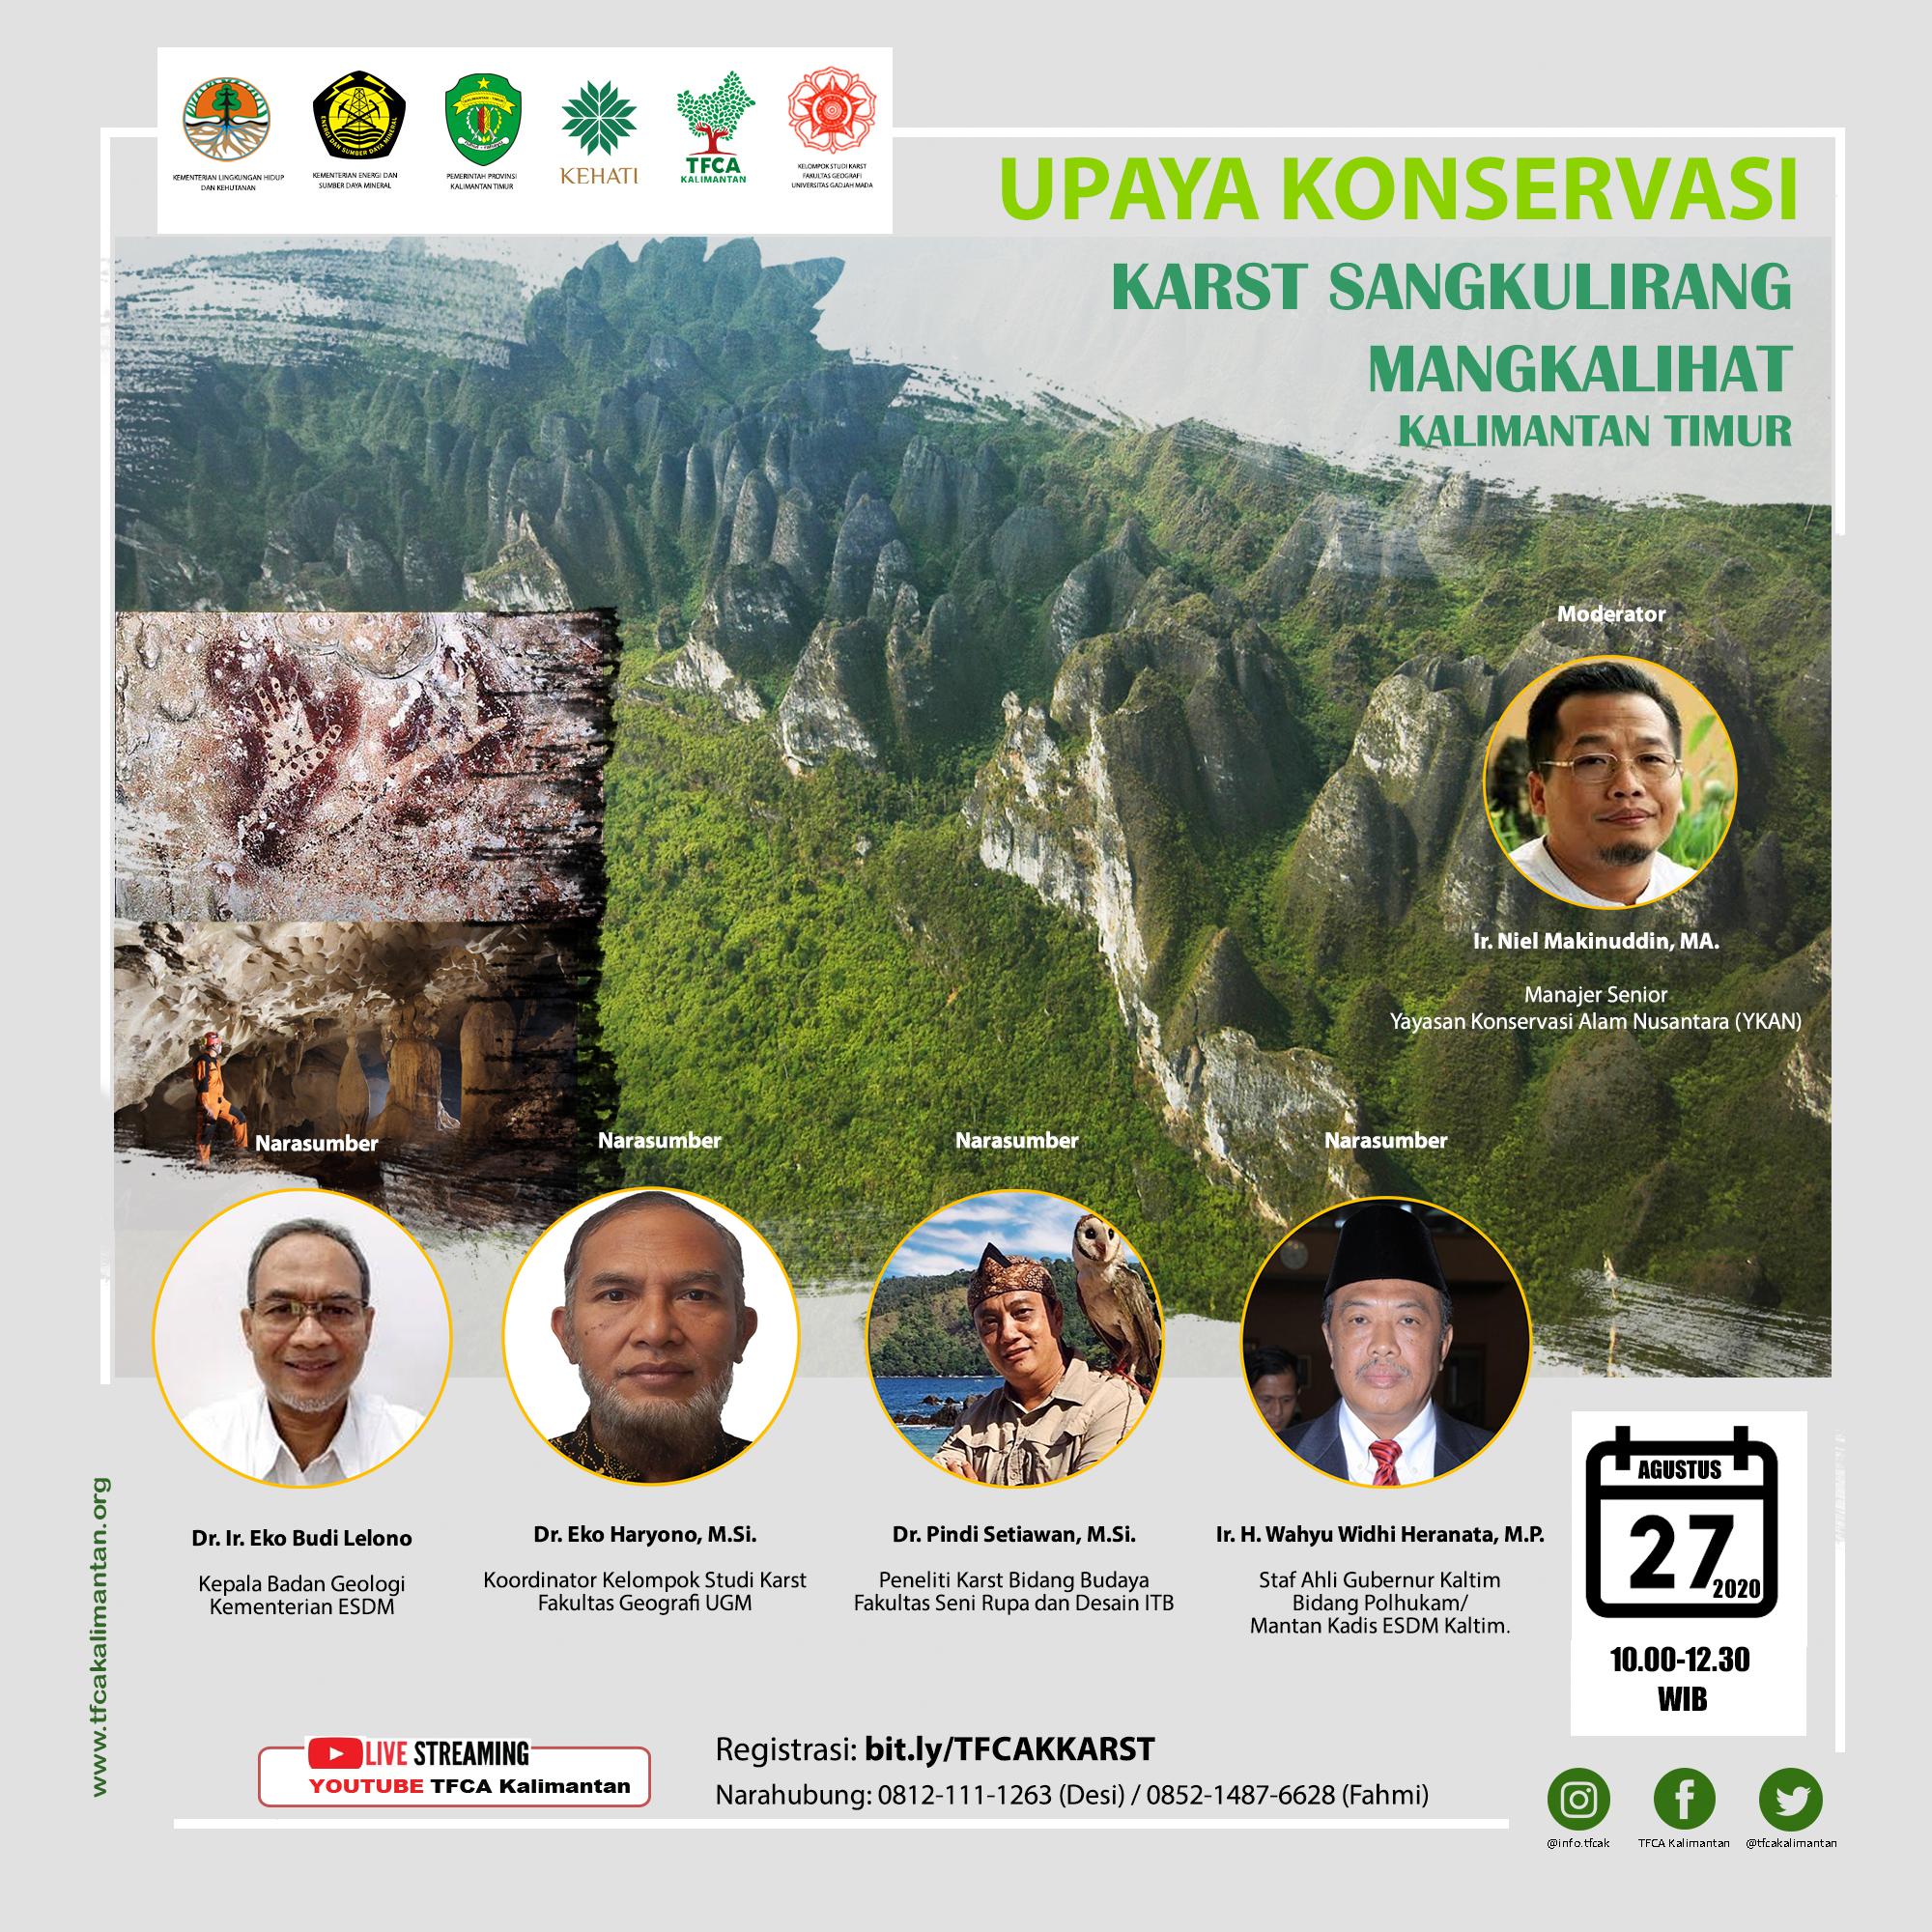 Diskusi Daring Upaya Konservasi Karst Sangkulirang Mangkalihat di Kalimantan Timur